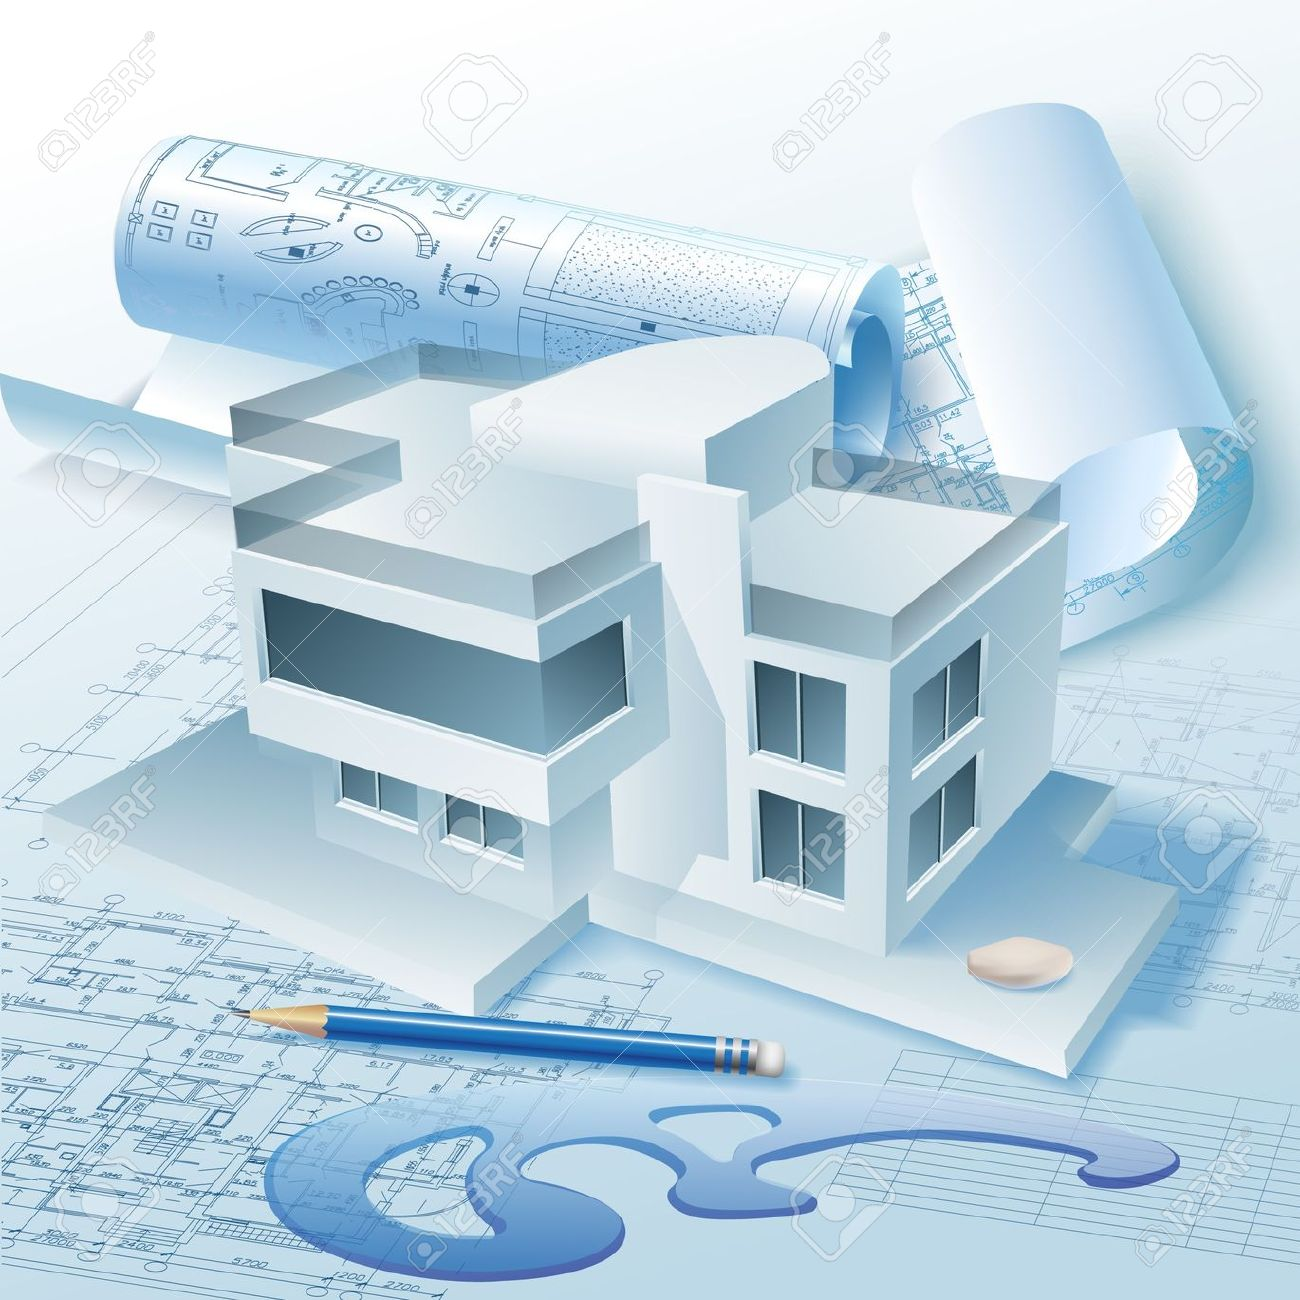 Architecture clipart modern architecture Modern clipart architecture clipart architecture